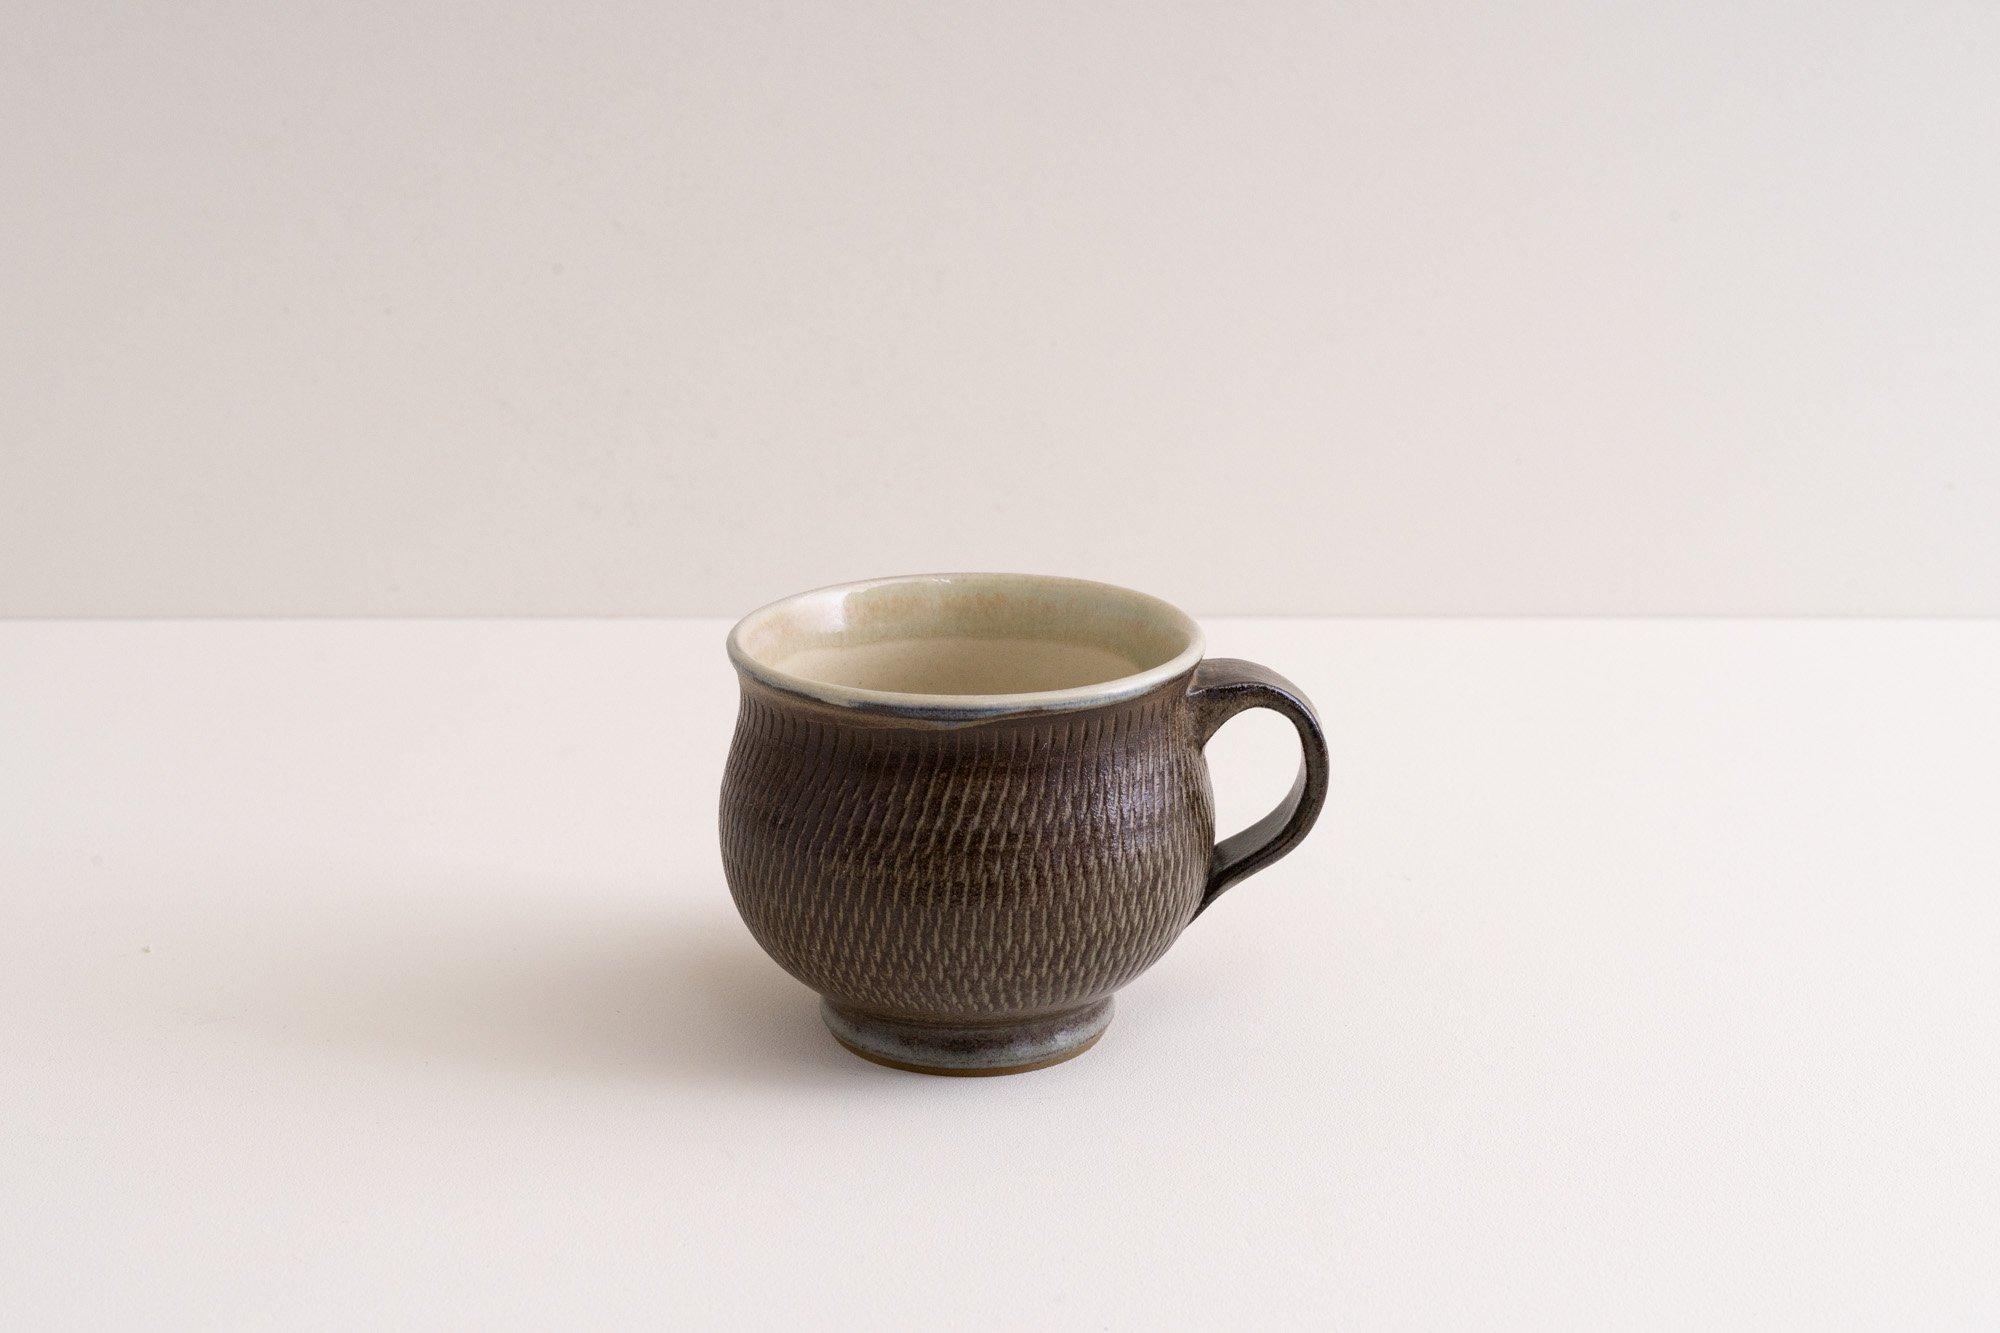 マグカップ(黒)